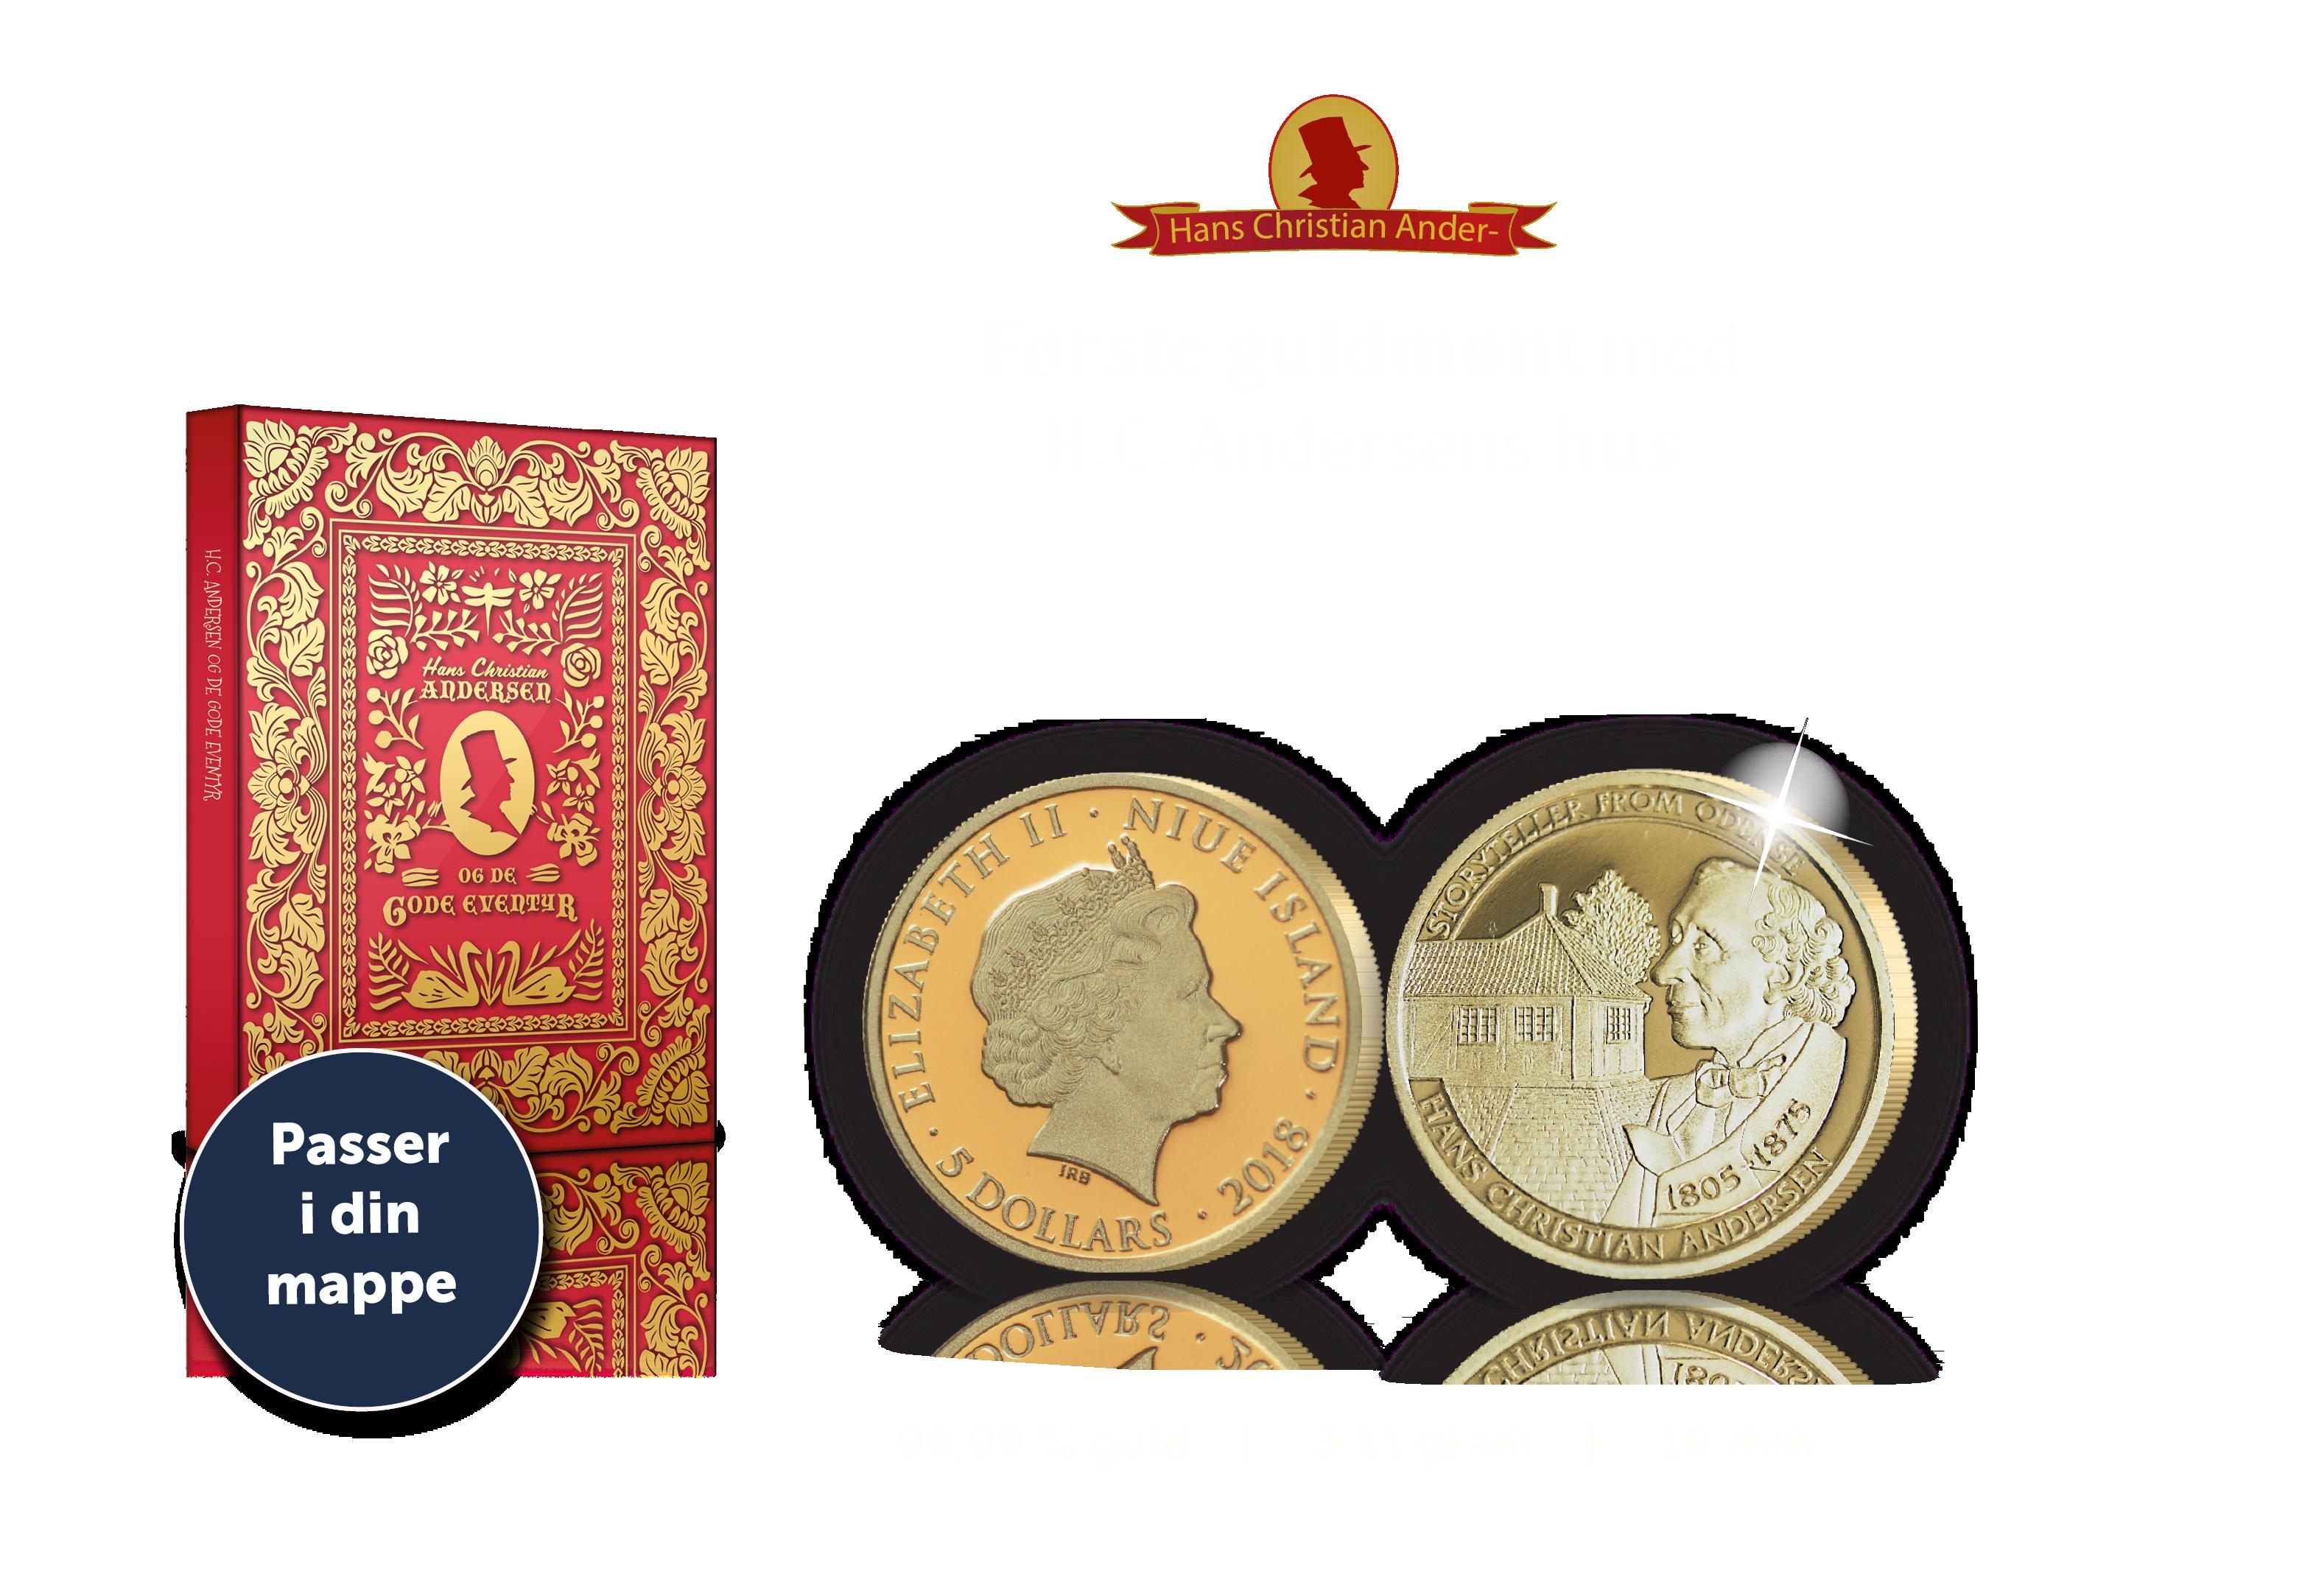 H.C Andersen Guldmønter - Første mønt med motiv af H.C Andersens hus i 99,9% guld